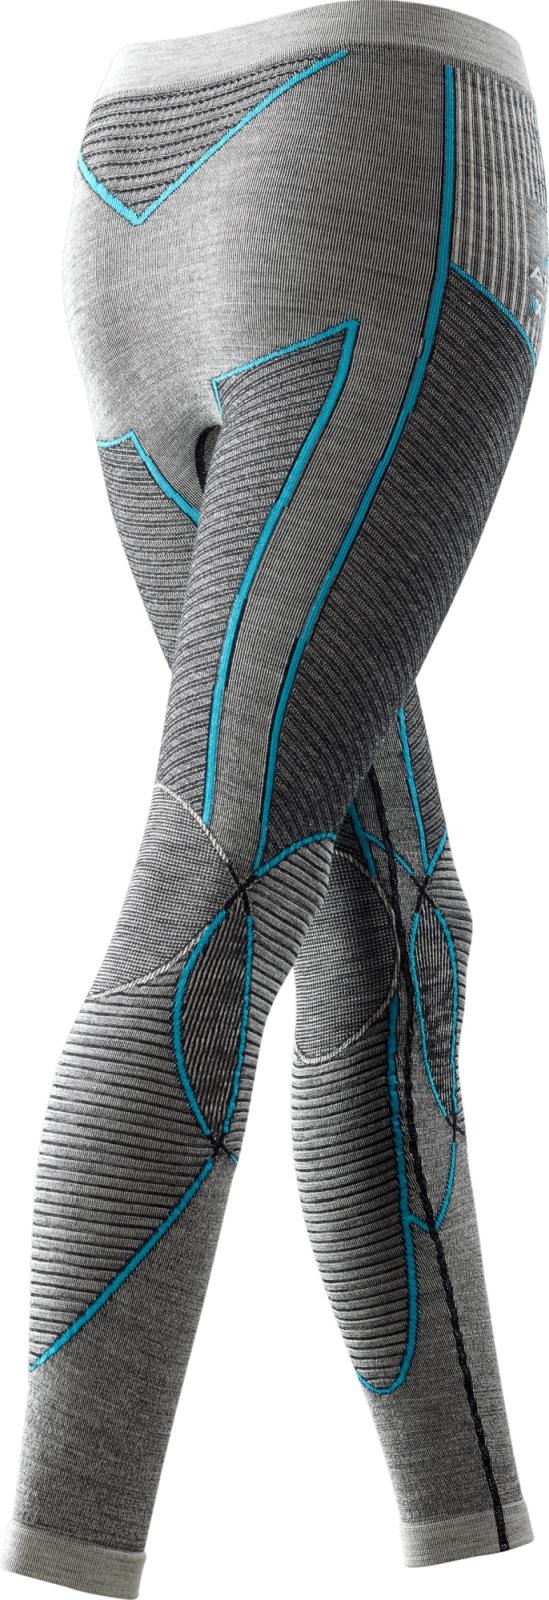 Dámské funkční spodky Apani Merino By X-Bionic Fastflow Pants Long Women -  Black  e77d1844de